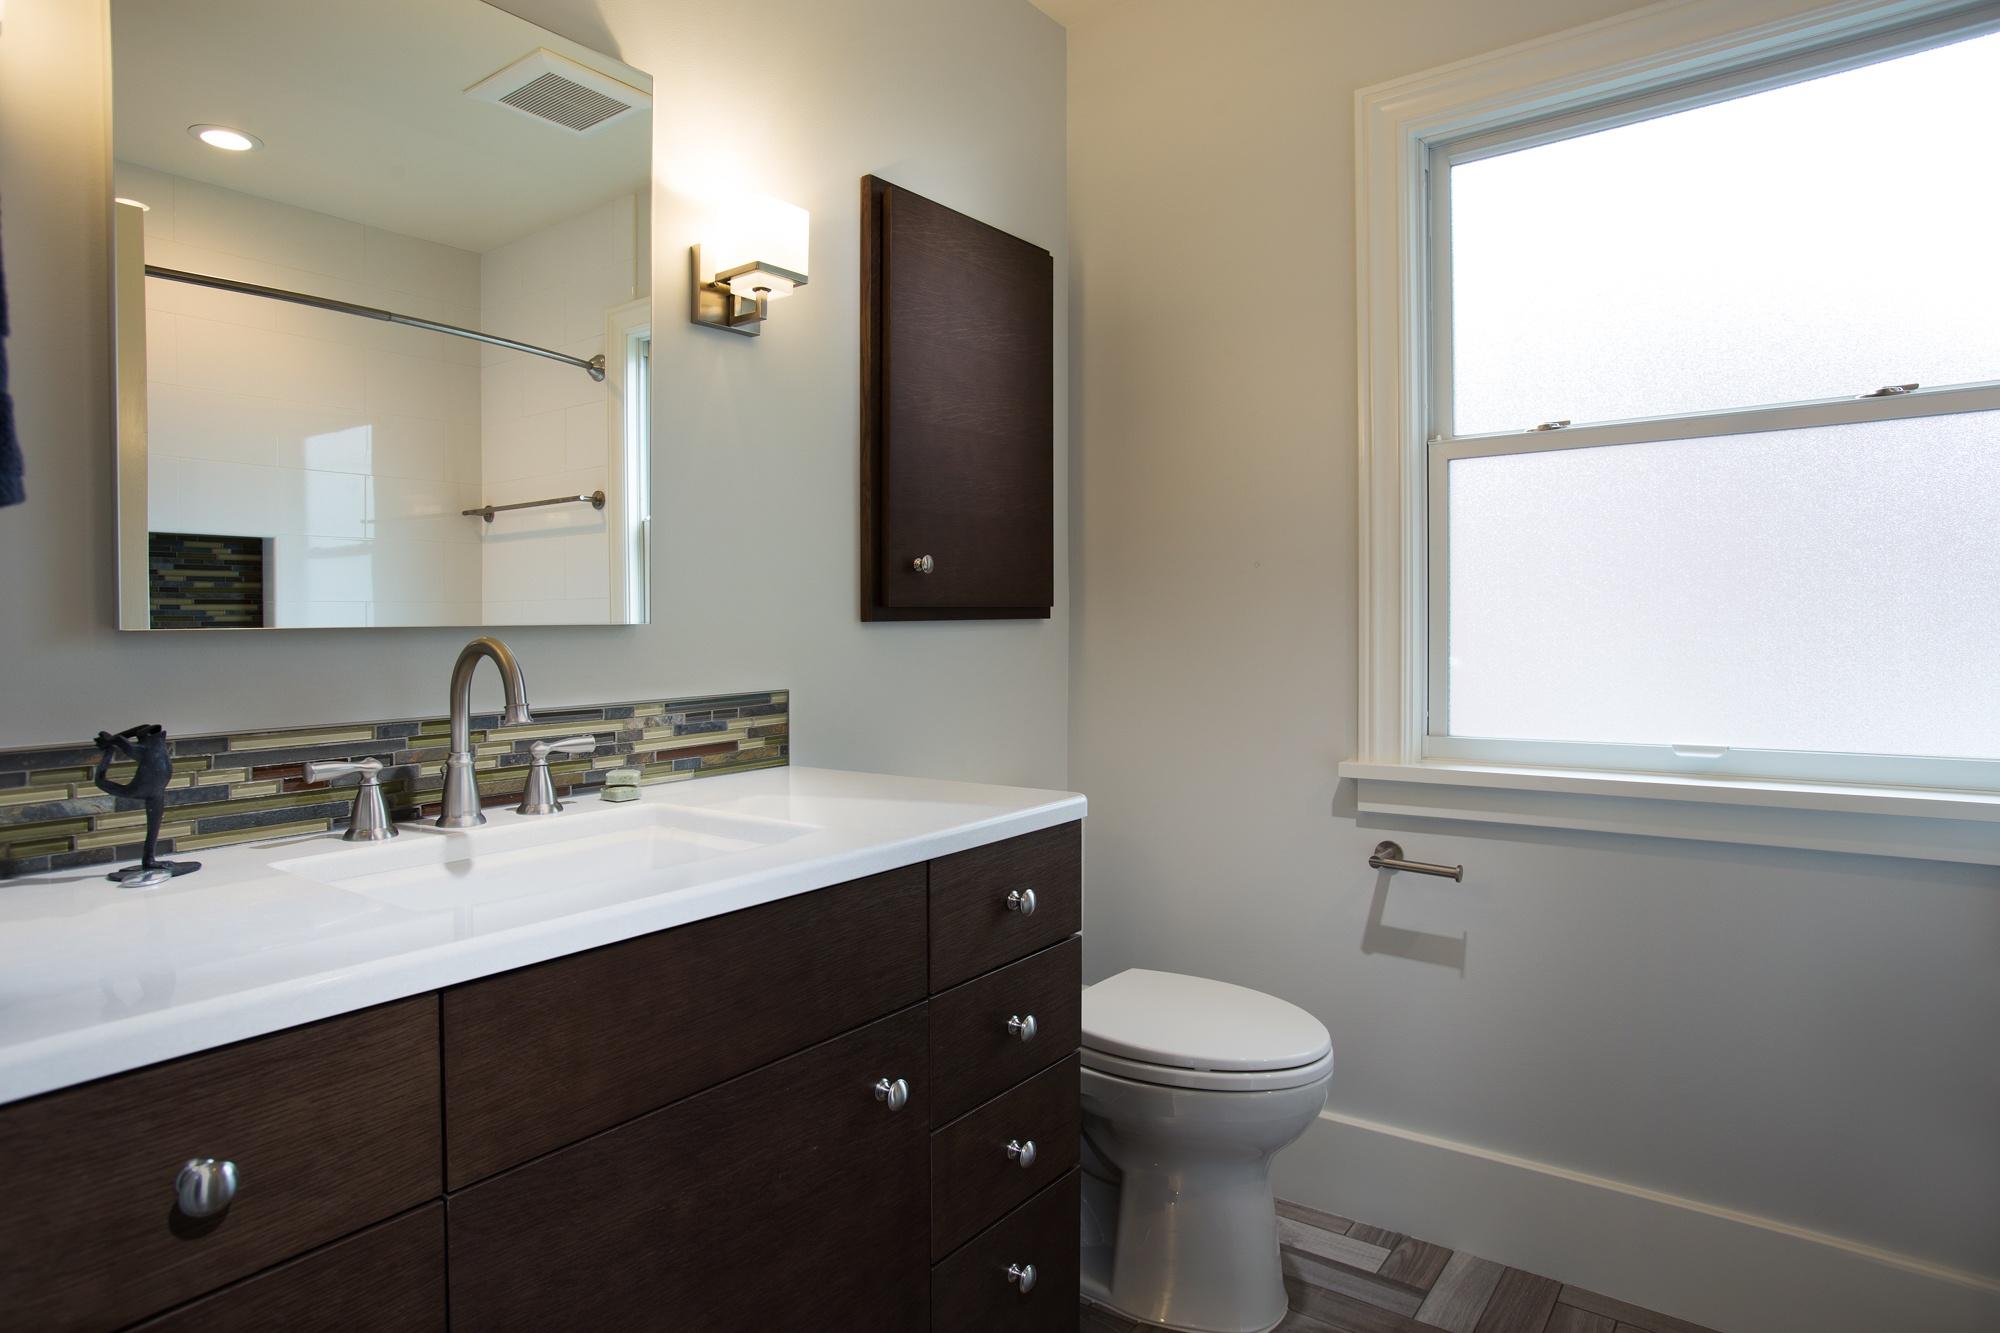 bathroom remodeling seattle. Bathroom Remodel Remodeling Seattle